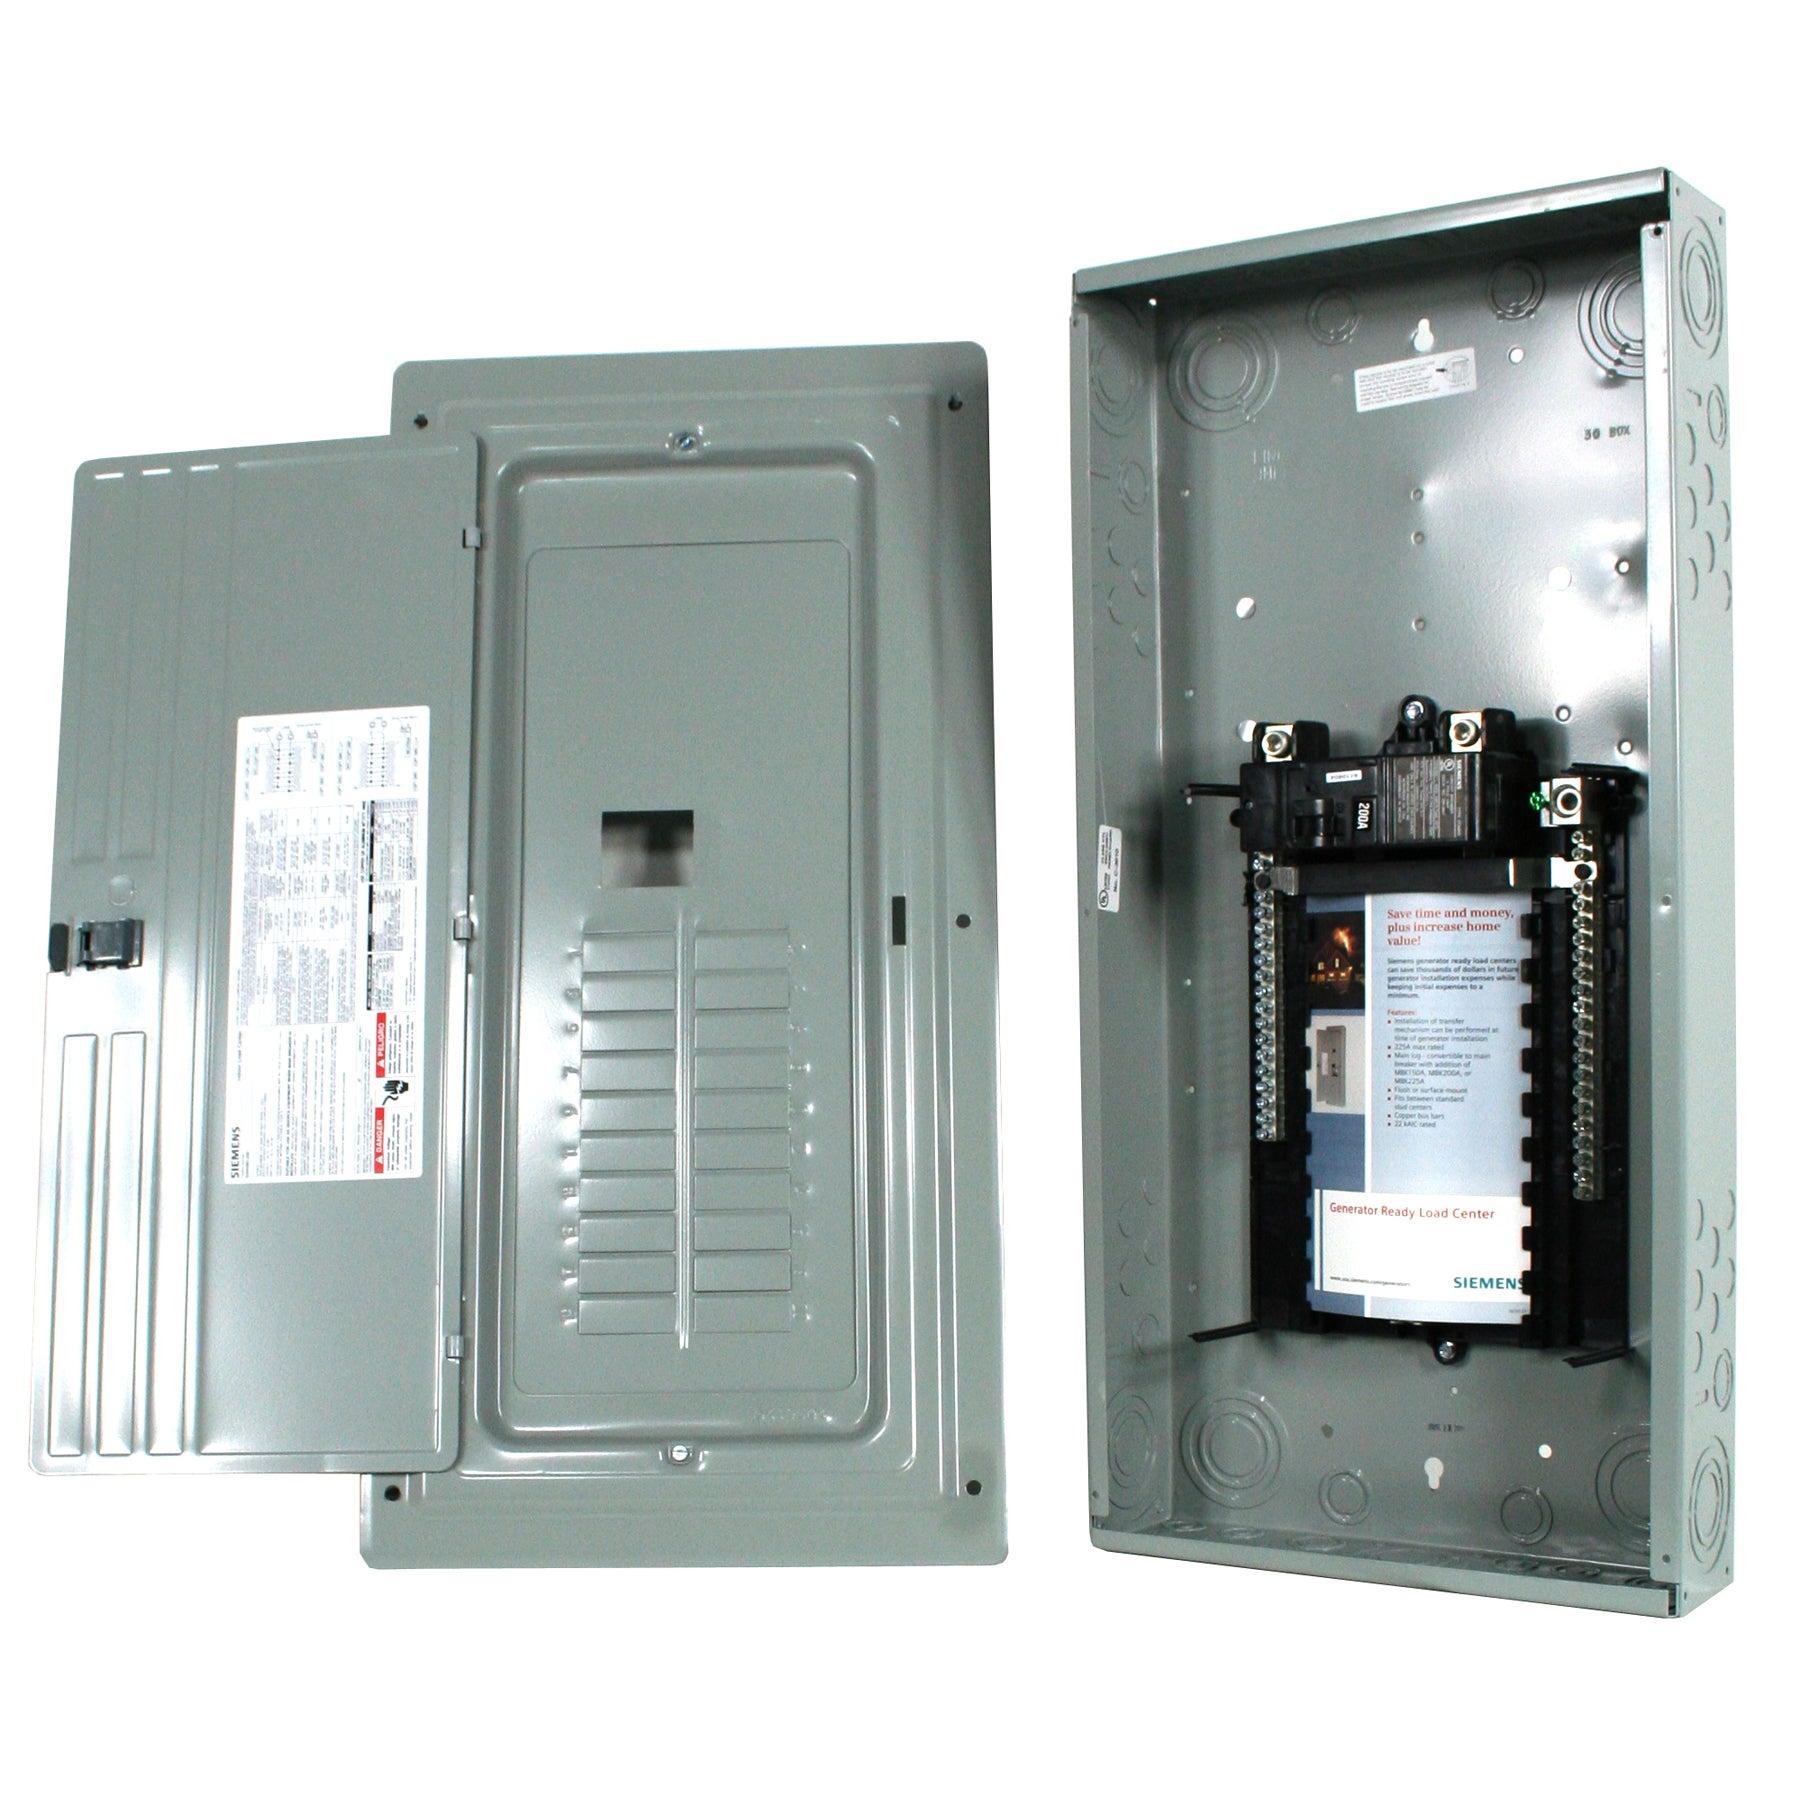 Siemens ES 200 amps 20 space 40 circuits 120/240 volts Su...